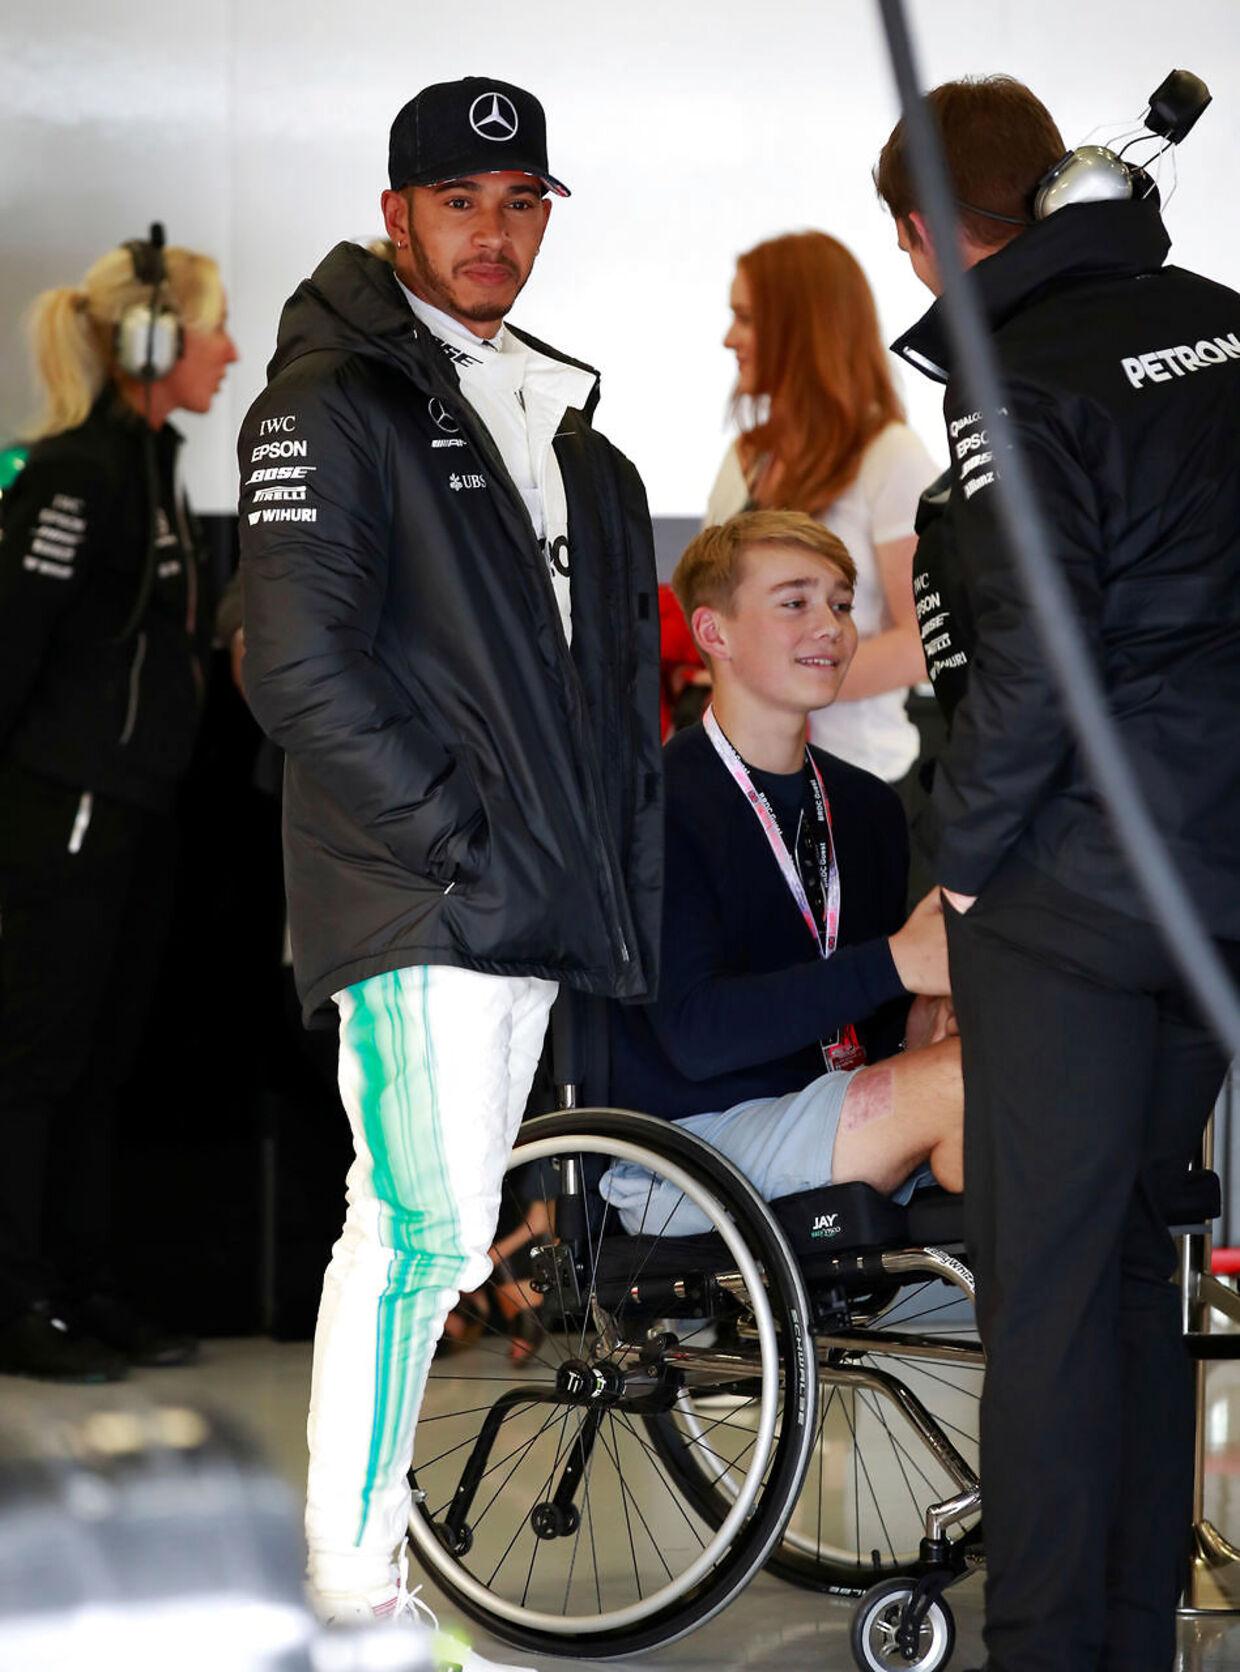 I juli 2017 fik Billy Monger fornøjelsen af at besøge Lewis Hamilton og Mercedes, da deres nye bil blev præsenteret.